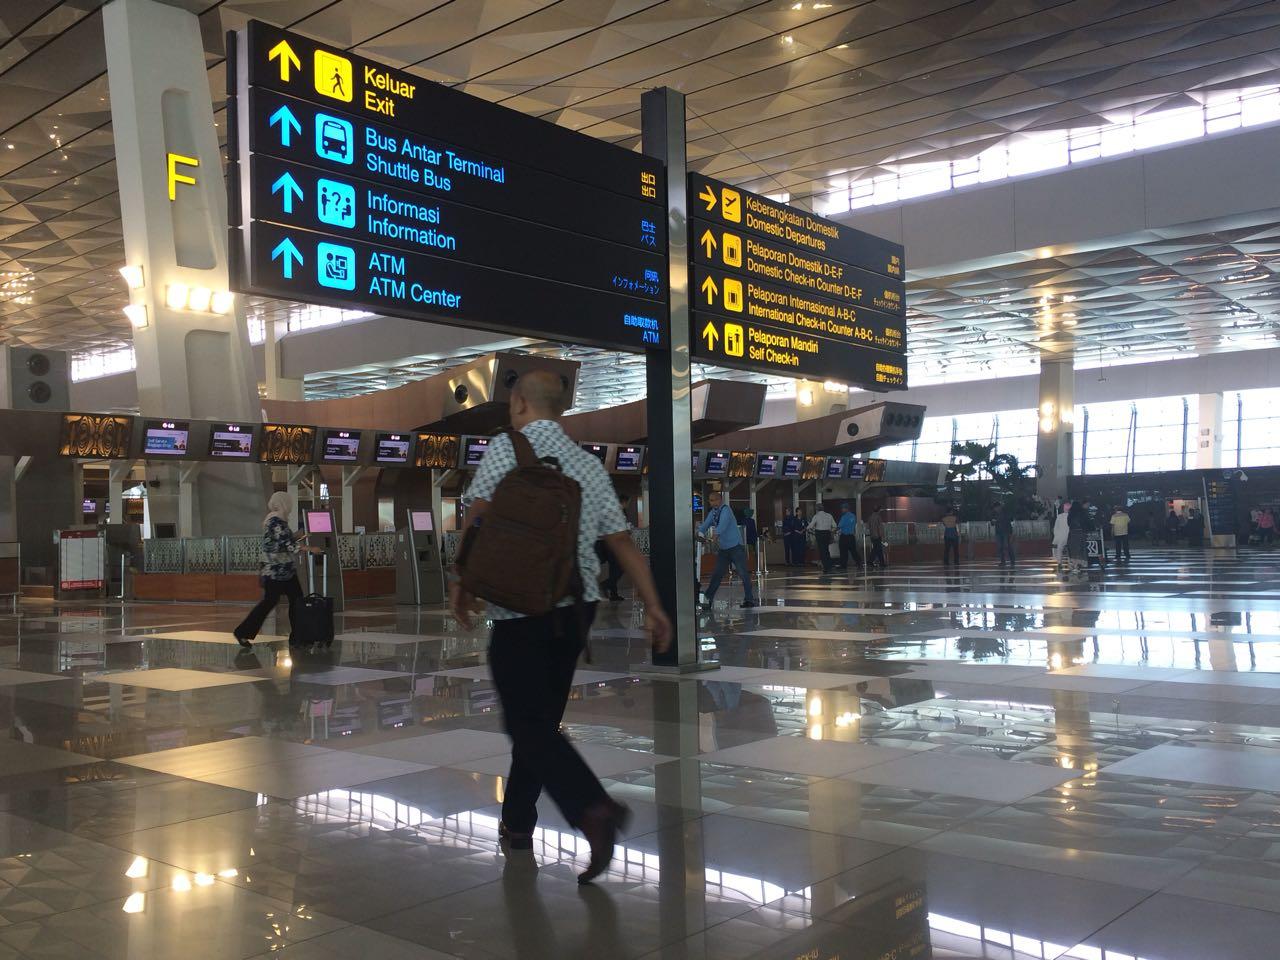 https: img.okezone.com content 2020 03 31 320 2191772 pemerintah-larang-turis-asing-datang-ke-indonesia-untuk-sementara-lAJ1Vu9nVn.jpg